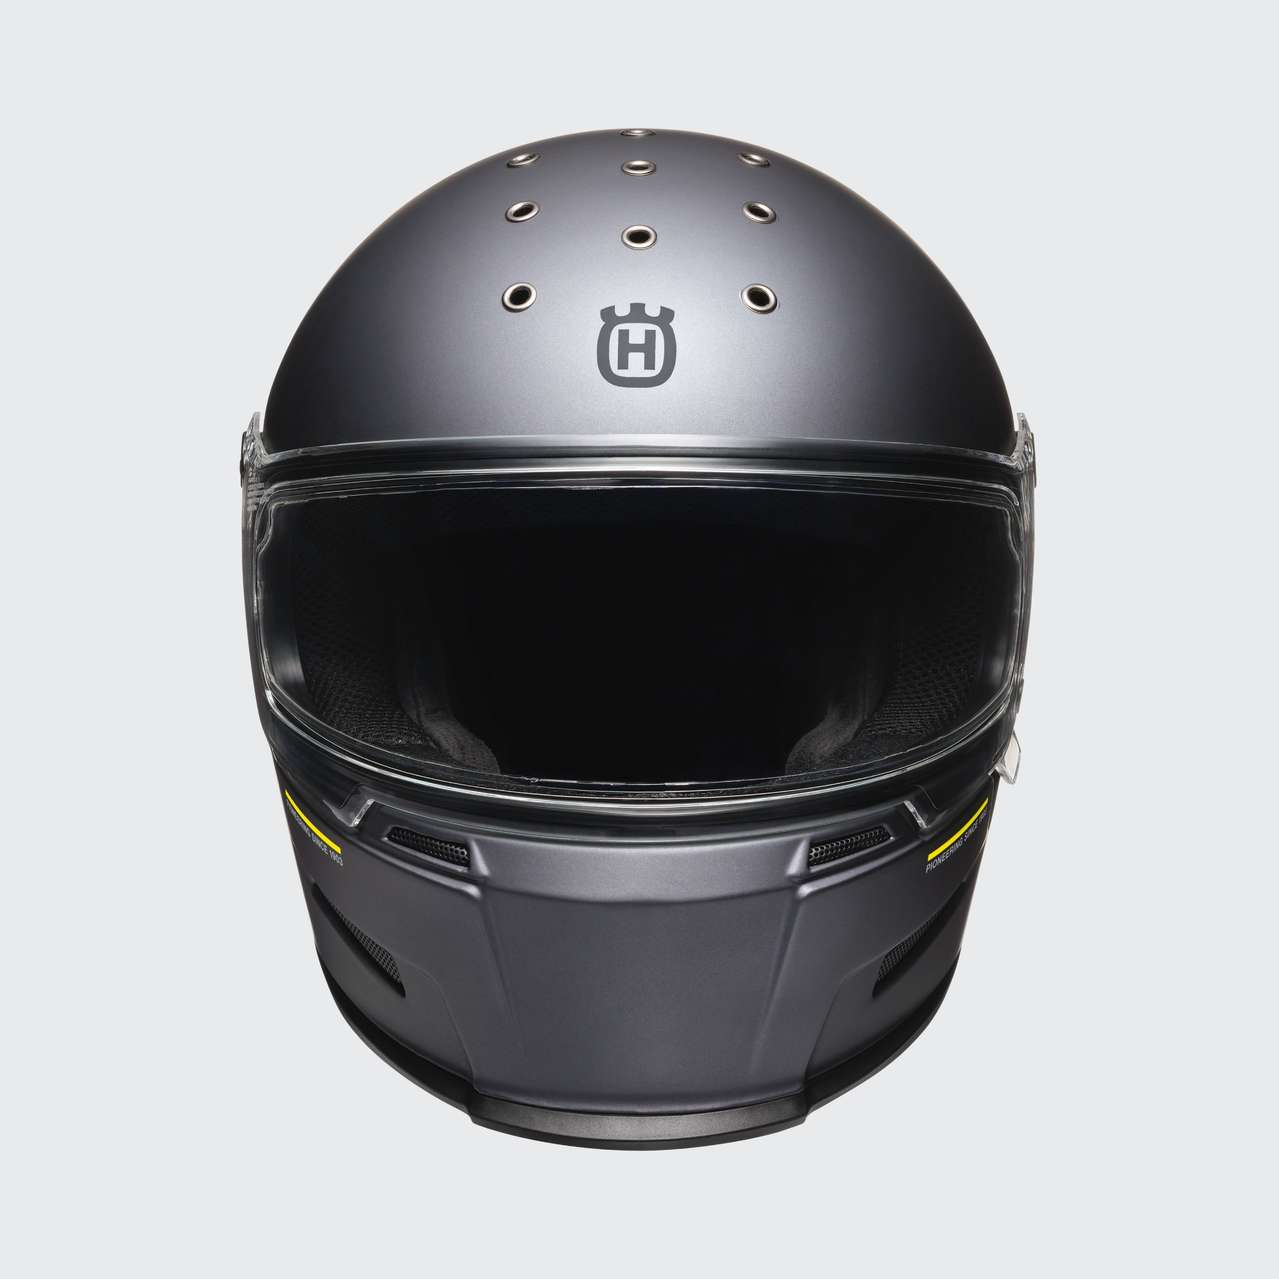 Husqvarna bietet eine komplette Bekleidungskollektion zu den Pilens, unter anderem diesen Bell-Helm.